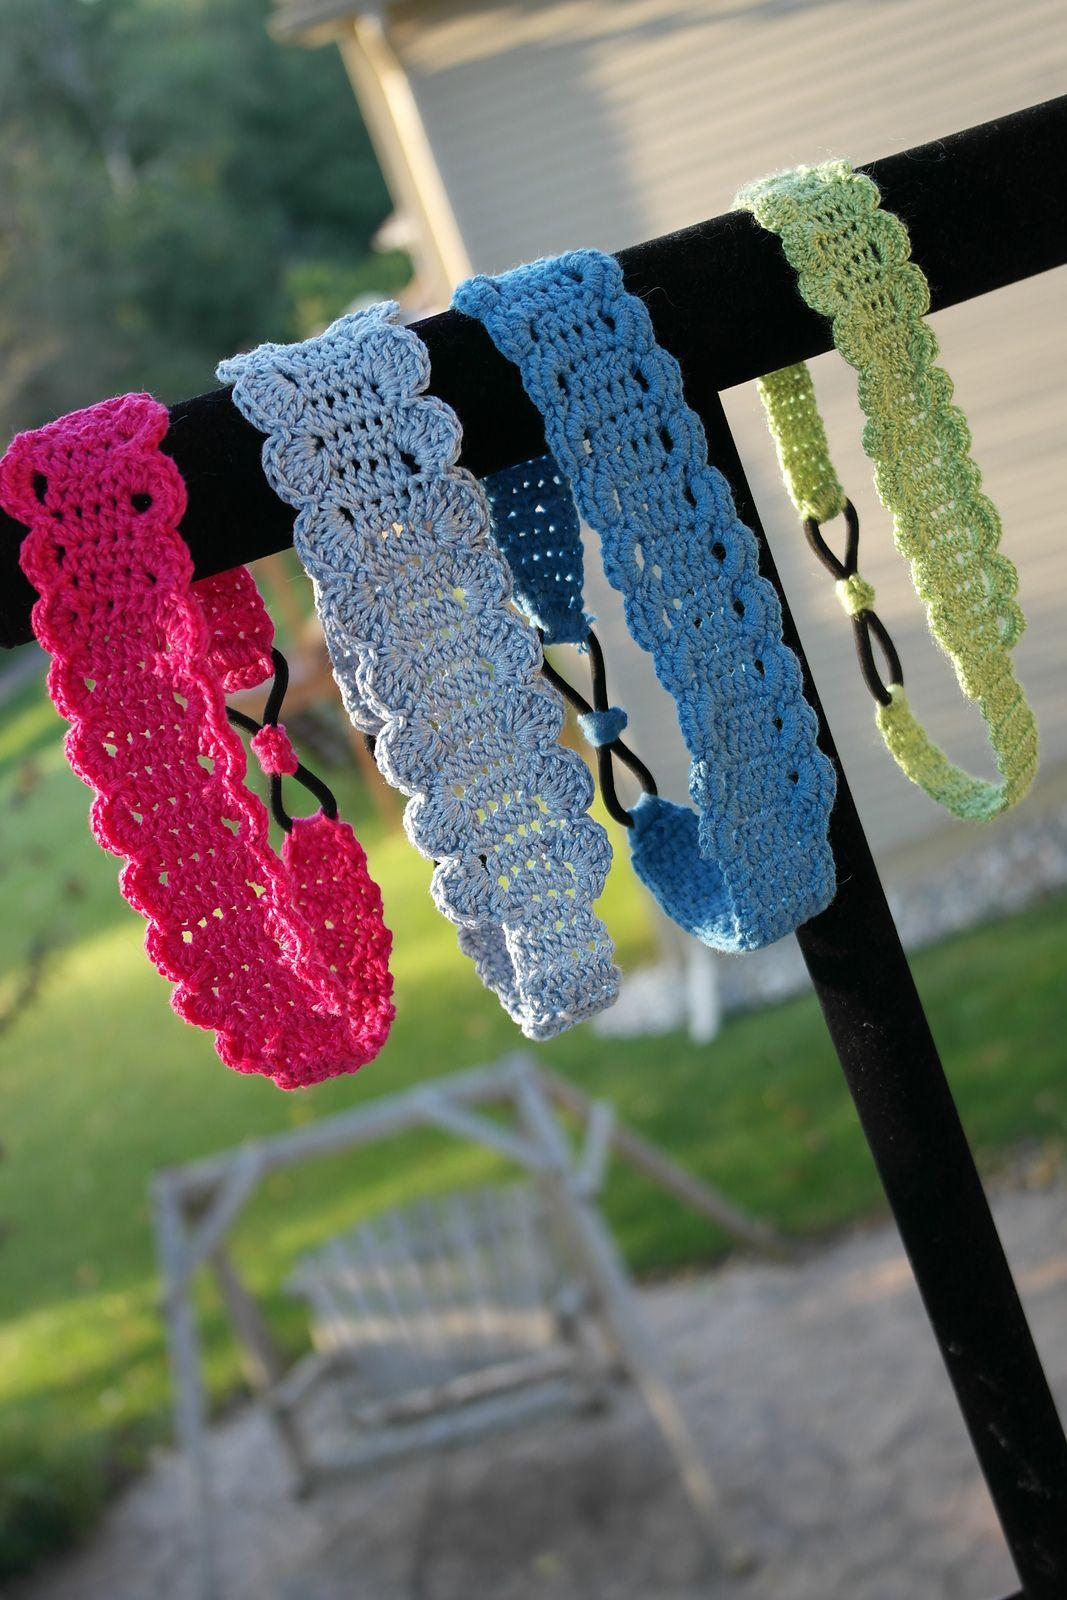 Ravelry: Thread headband by Kinga Erdem | punt i ganxet | Pinterest ...